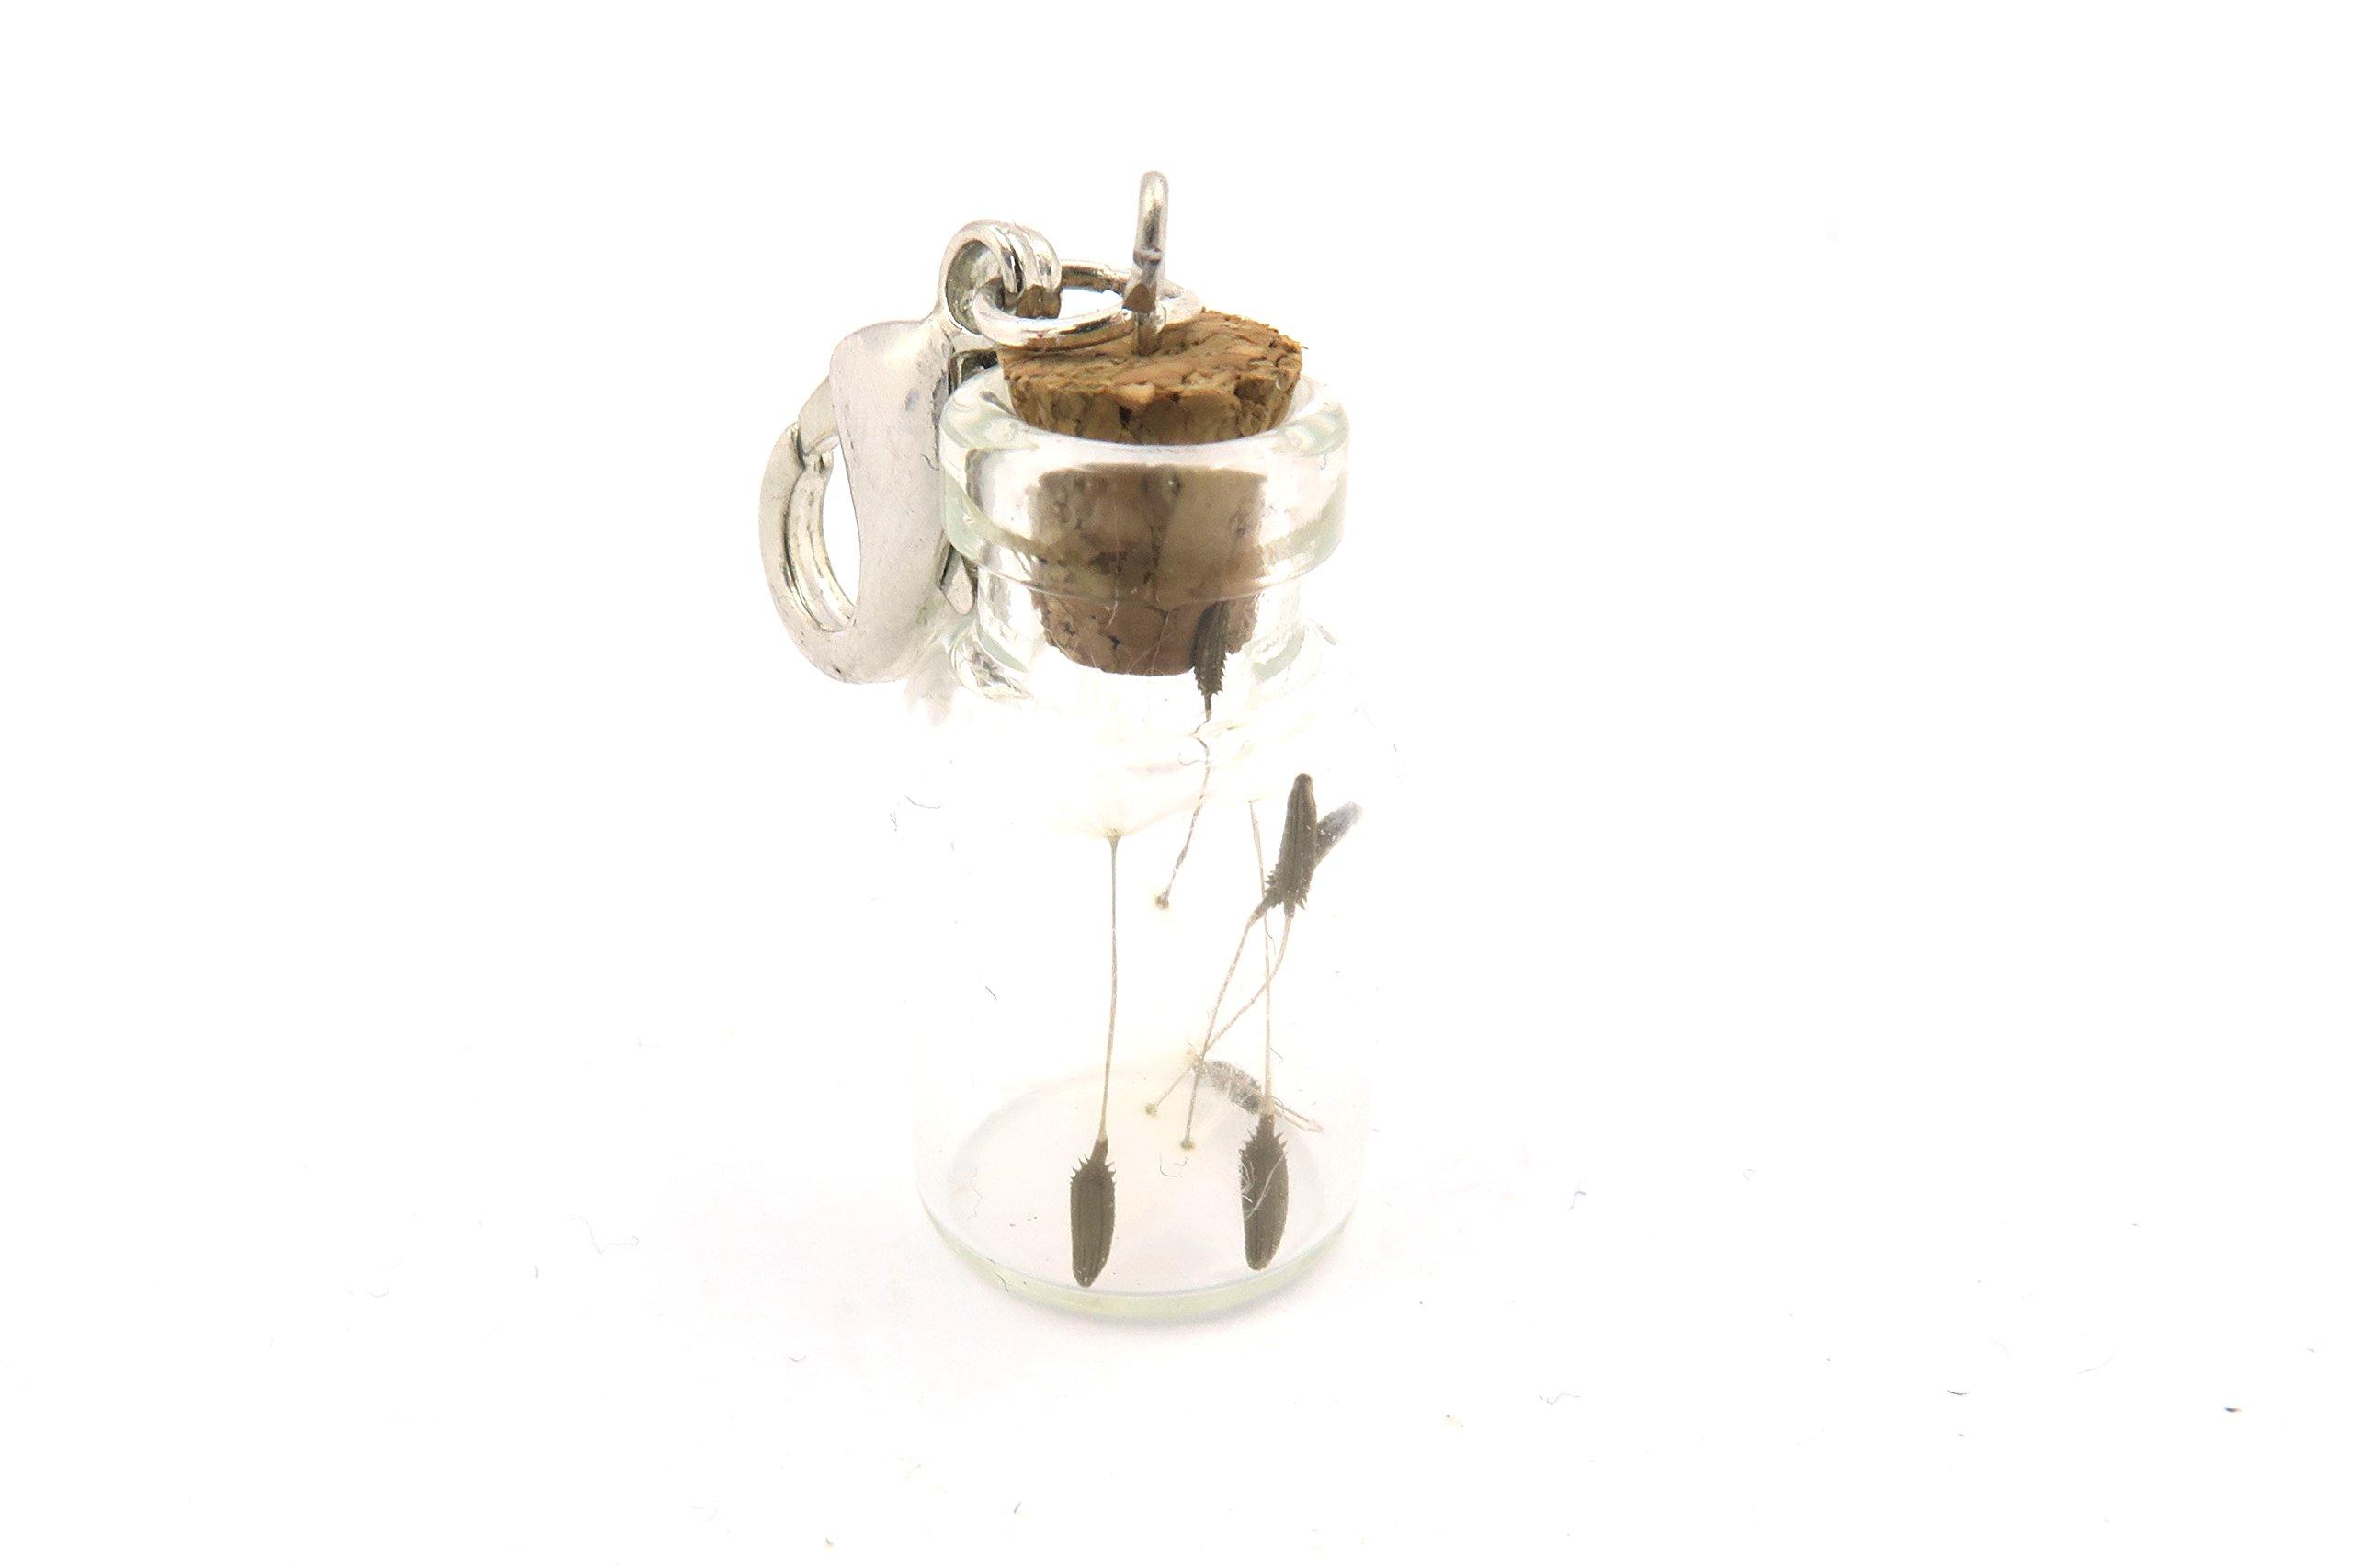 Echte Pusteblumen-Samen im Fläschchen Charm/Anhänger silberfarben Modeschmuck für Ketten oder Anhänger